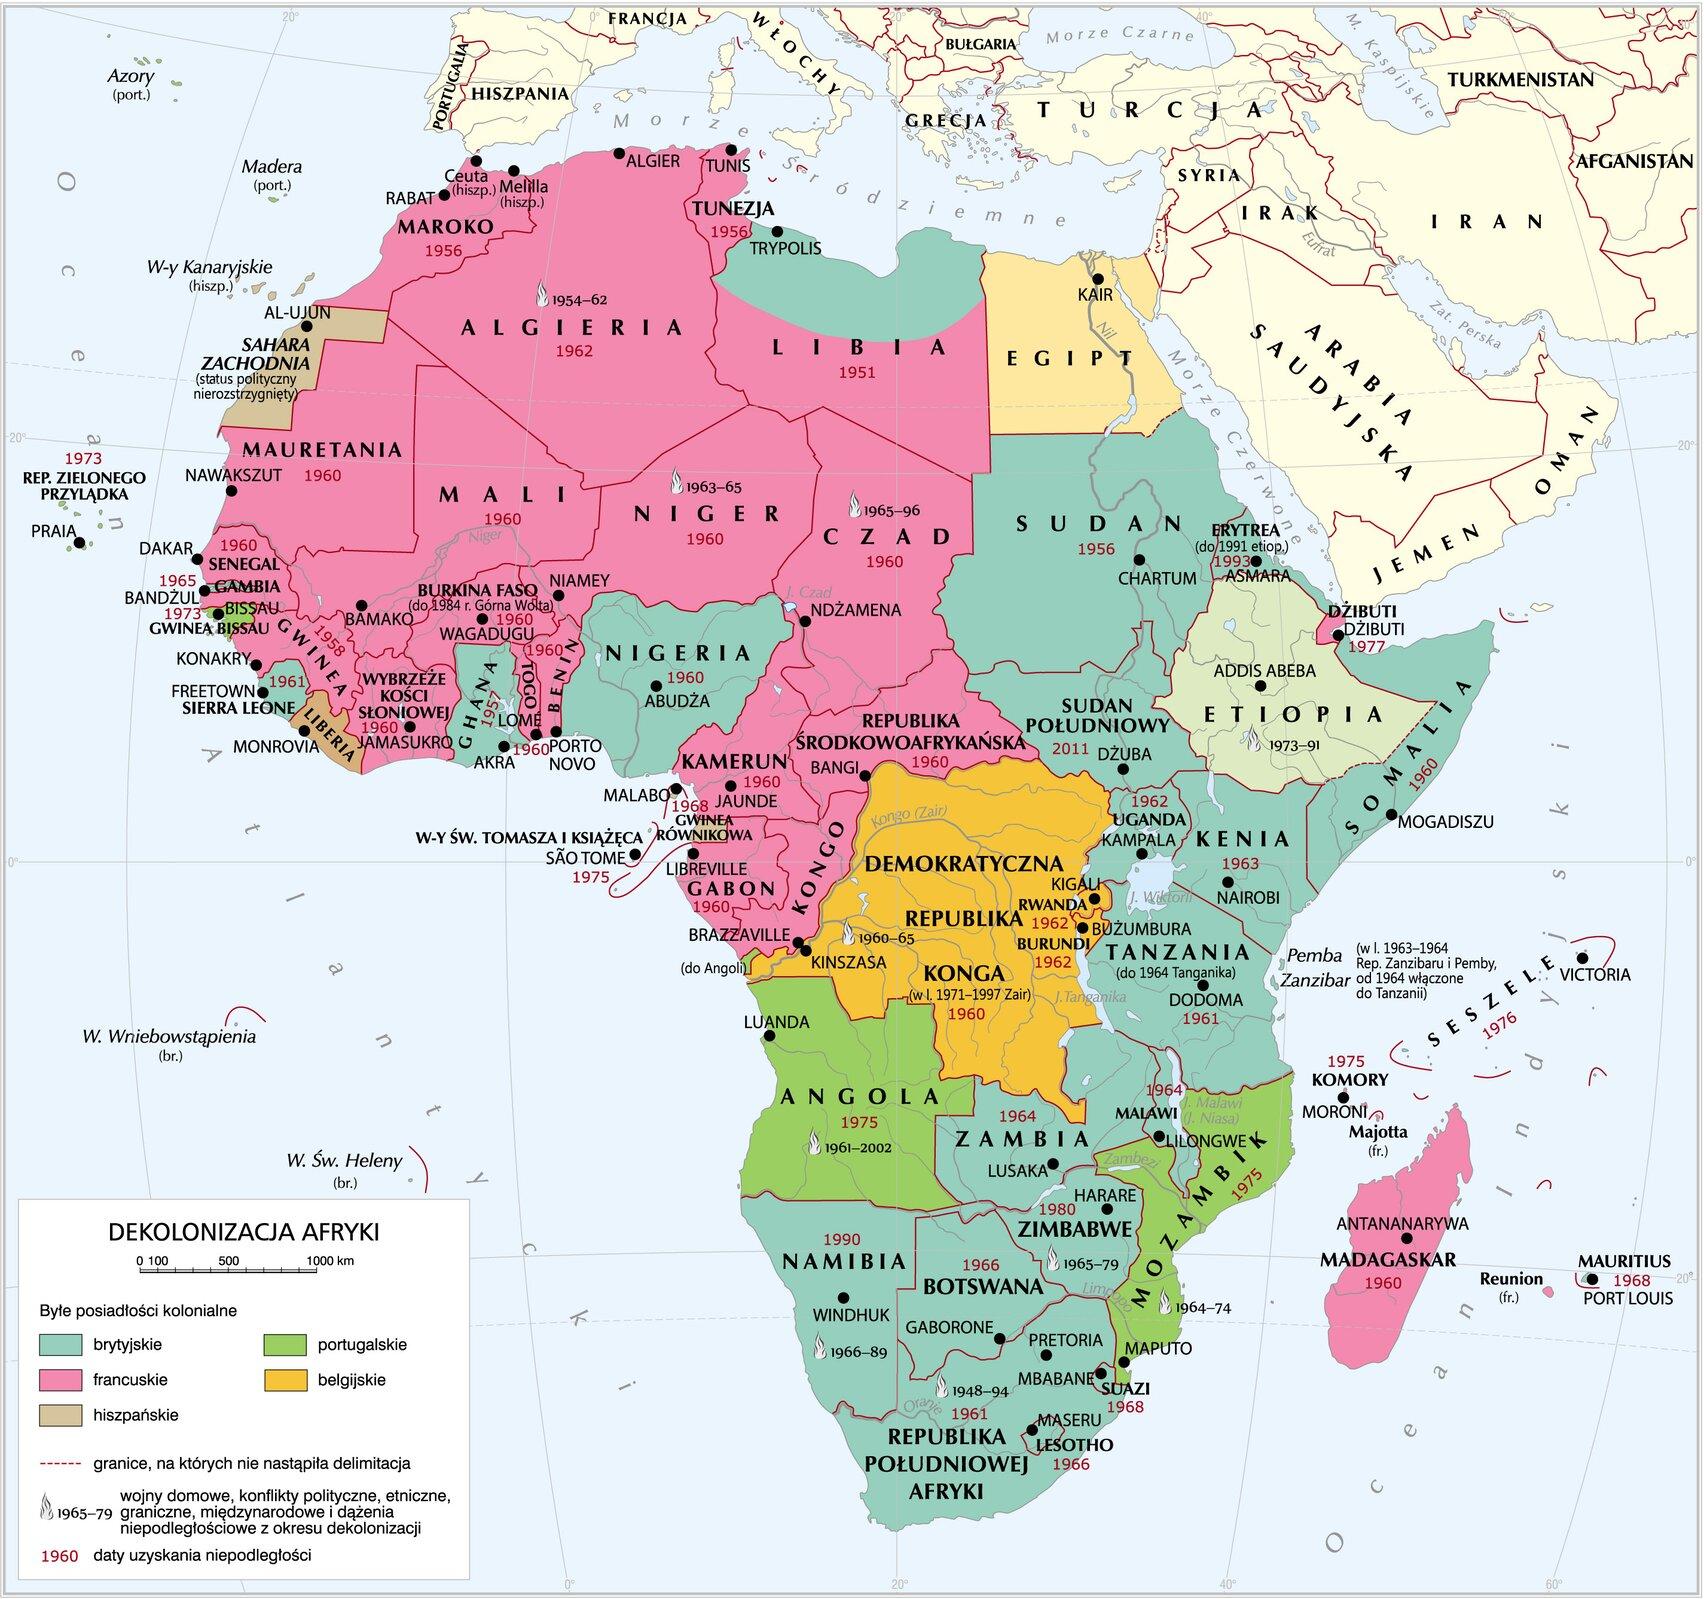 Dekolonizacja Afryki Dekolonizacja Afryki Źródło: Krystian Chariza izespół.